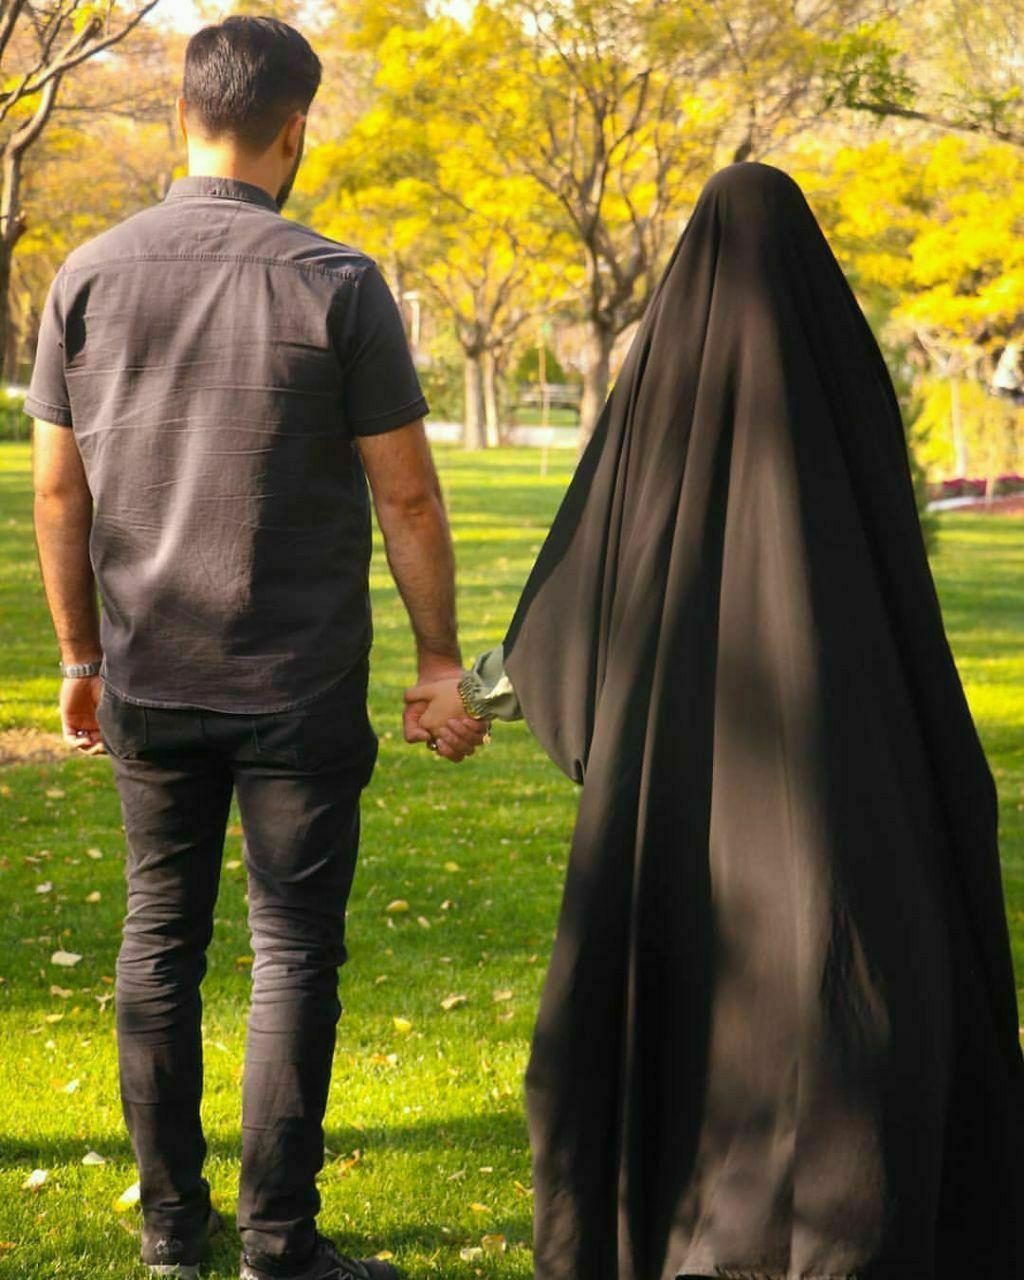 وإذا البشائر لم تحن أوقاتها فبحكمة عند الإله تأخرت سيسوقها في حينها فاصبر لها حتى وإن ضاقت عليك وأقفرت Persian Girls Beautiful Hijab Muslim Girls